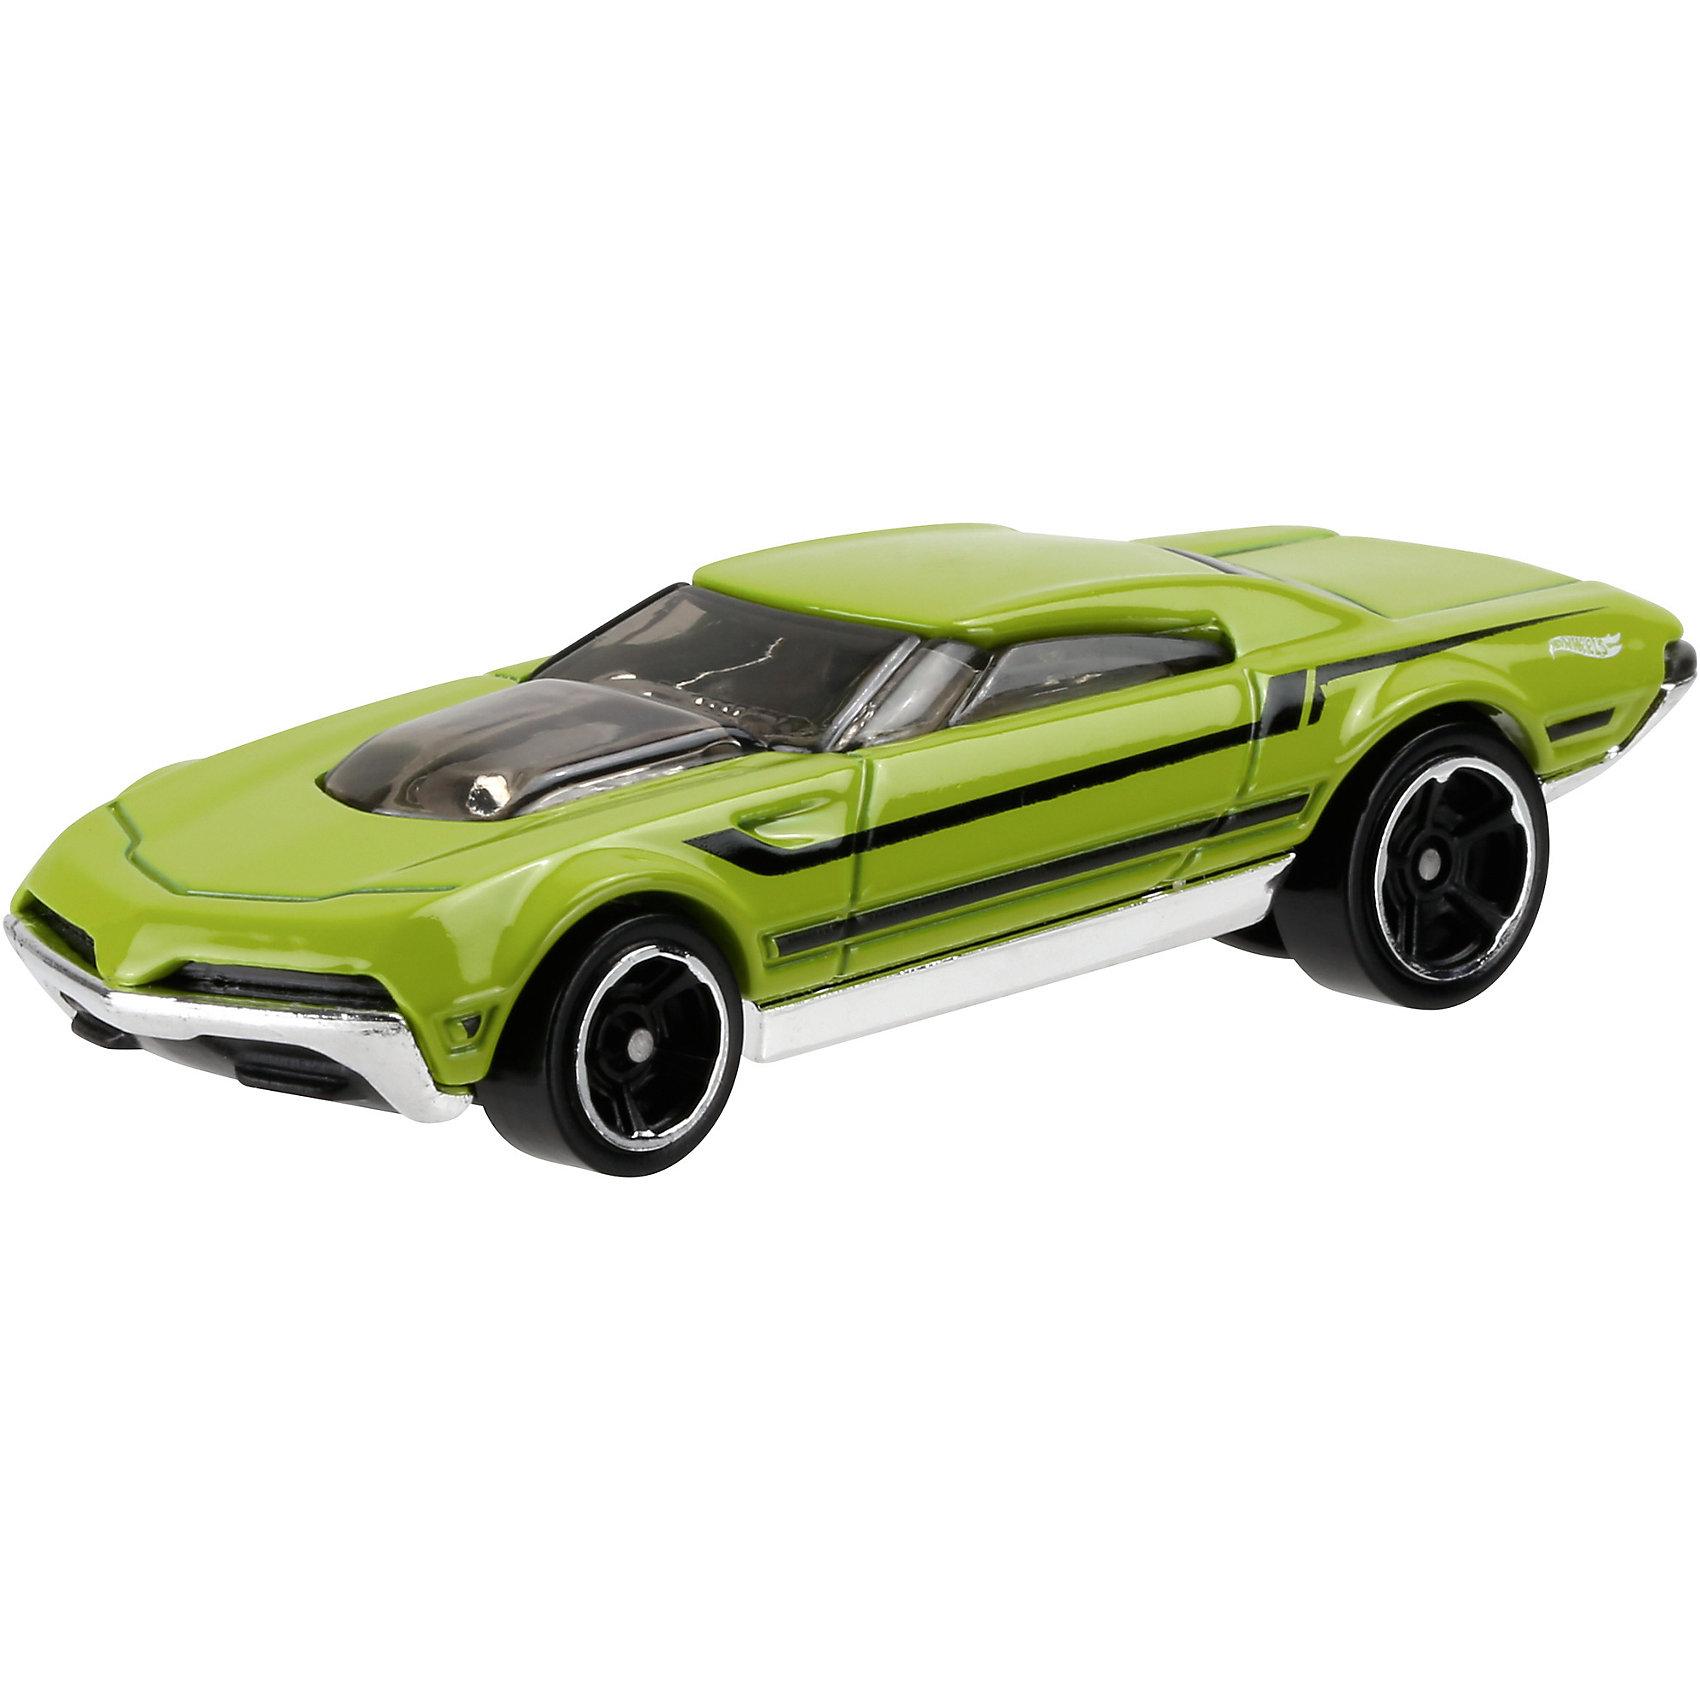 Машинка Hot Wheels из базовой коллекцииМашинки<br>Машинка Hot Wheels из базовой коллекции – высококачественная масштабная модель машины, имеющая неординарный, радикальный дизайн. <br><br>В упаковке 1 машинка,  машинки тематически обусловлены от фантазийных, спасательных до экстремальных и просто скоростных машин. <br><br>Соберите свою коллекцию машинок Hot Wheels!<br><br>Дополнительная информация: <br><br>Машинка стандартного размера Hot Wheels<br>Размер упаковки: 11 х 10,5 х 3,5 см<br><br>Ширина мм: 110<br>Глубина мм: 45<br>Высота мм: 110<br>Вес г: 30<br>Возраст от месяцев: 36<br>Возраст до месяцев: 96<br>Пол: Мужской<br>Возраст: Детский<br>SKU: 4888920